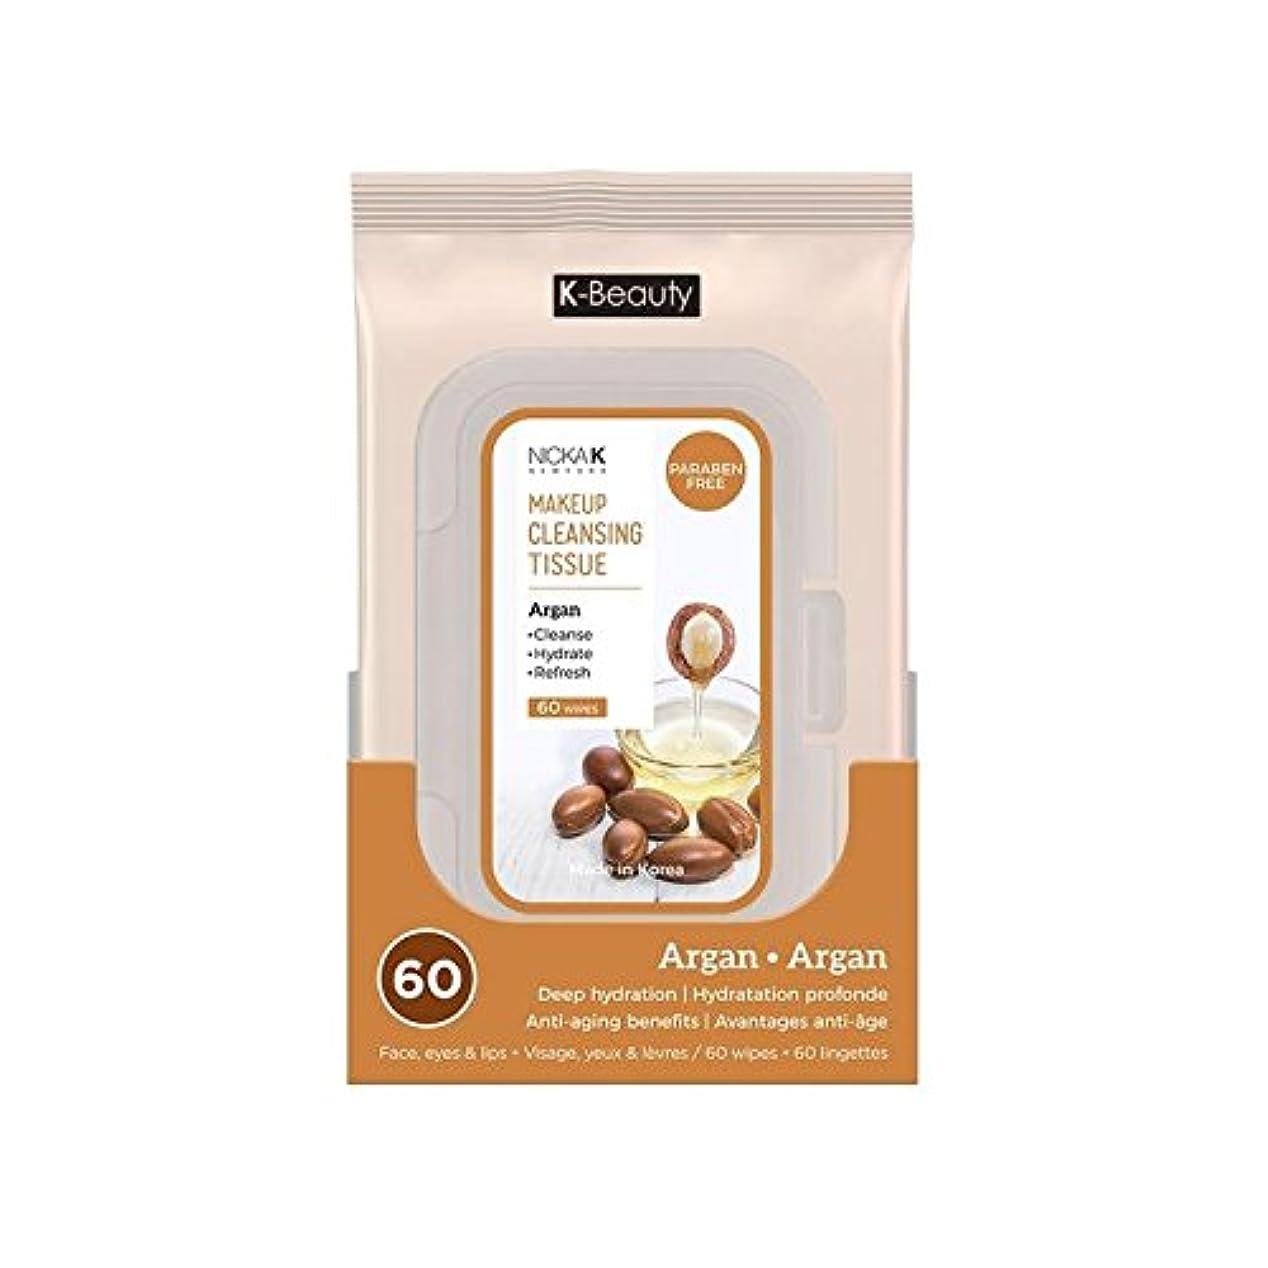 聴覚ダイジェストパトロール(3 Pack) NICKA K Make Up Cleansing Tissue - Argan (並行輸入品)